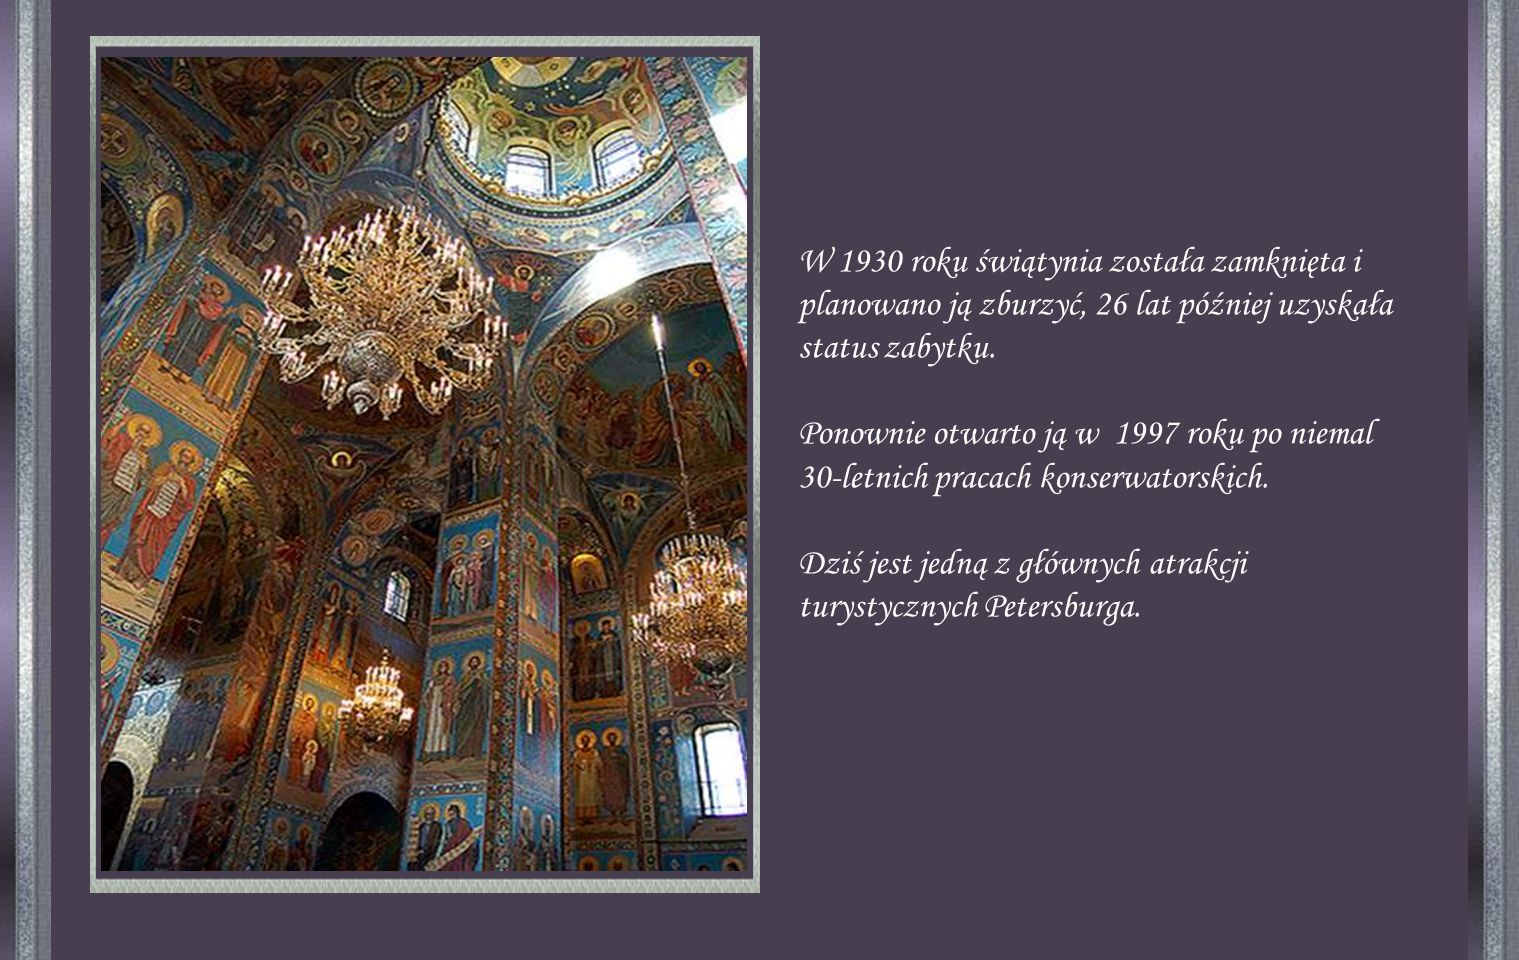 W 1930 roku świątynia została zamknięta i planowano ją zburzyć, 26 lat później uzyskała status zabytku.